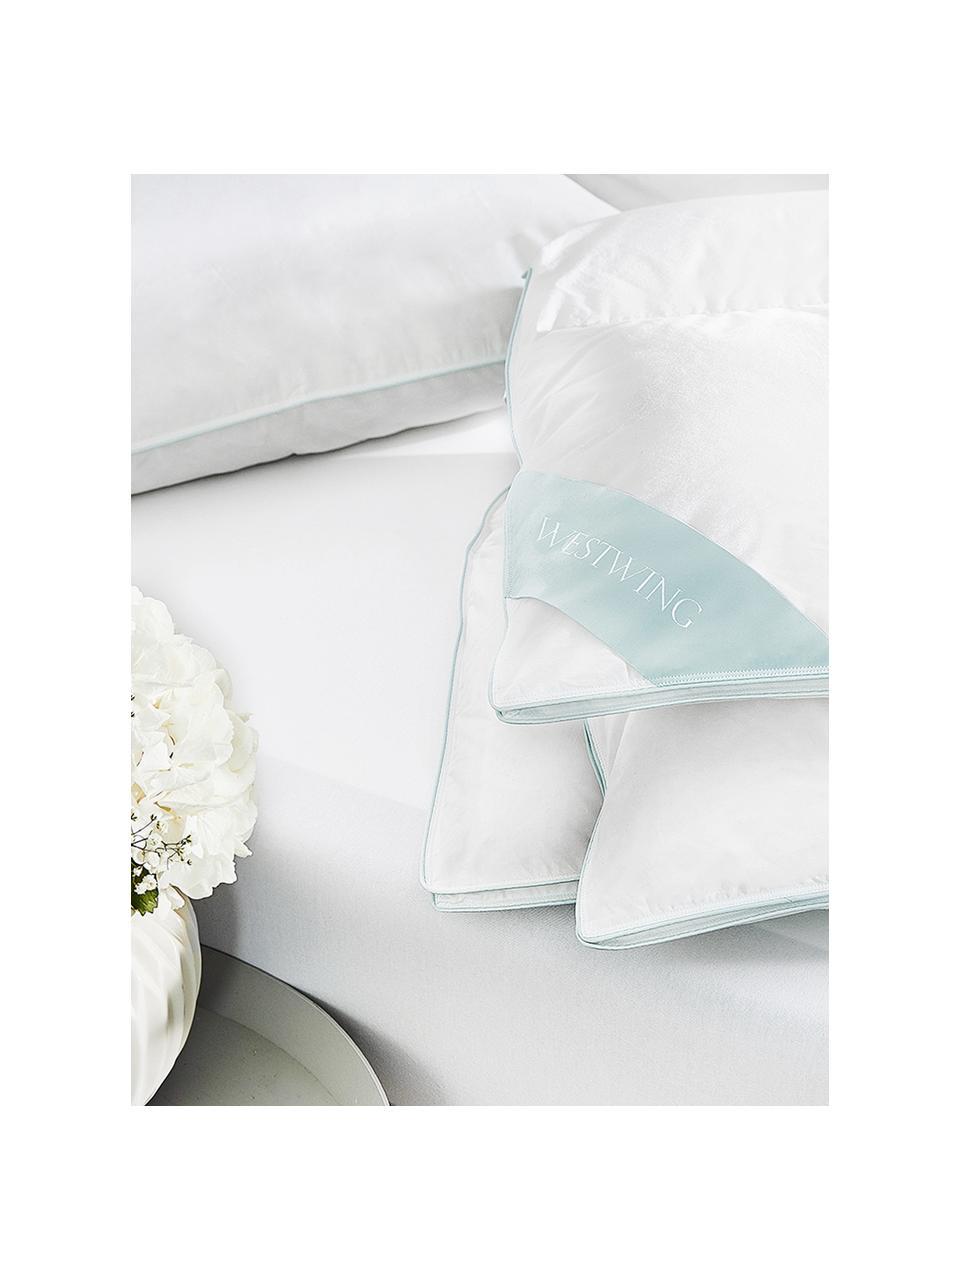 Reine Daunen-Bettdecke Premium, Vierjahreszeiten, Hülle: 100% Baumwolle, feine Mak, Vierjahreszeiten, 135 x 200 cm